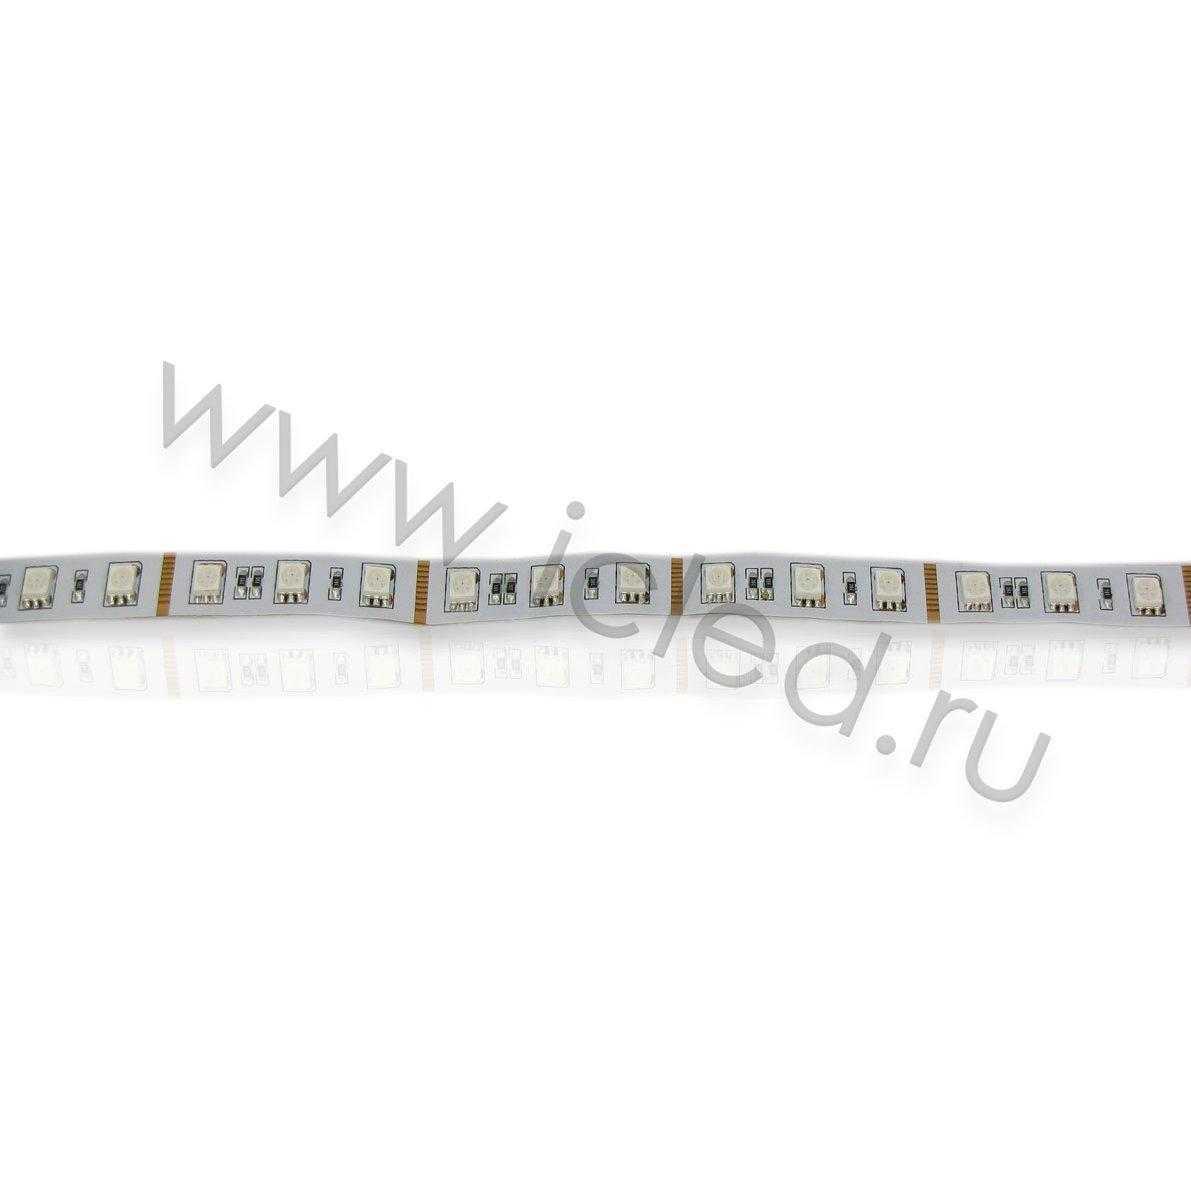 ветодиодная лента Class High, 5050, 72 led/m, White,12V, IP33